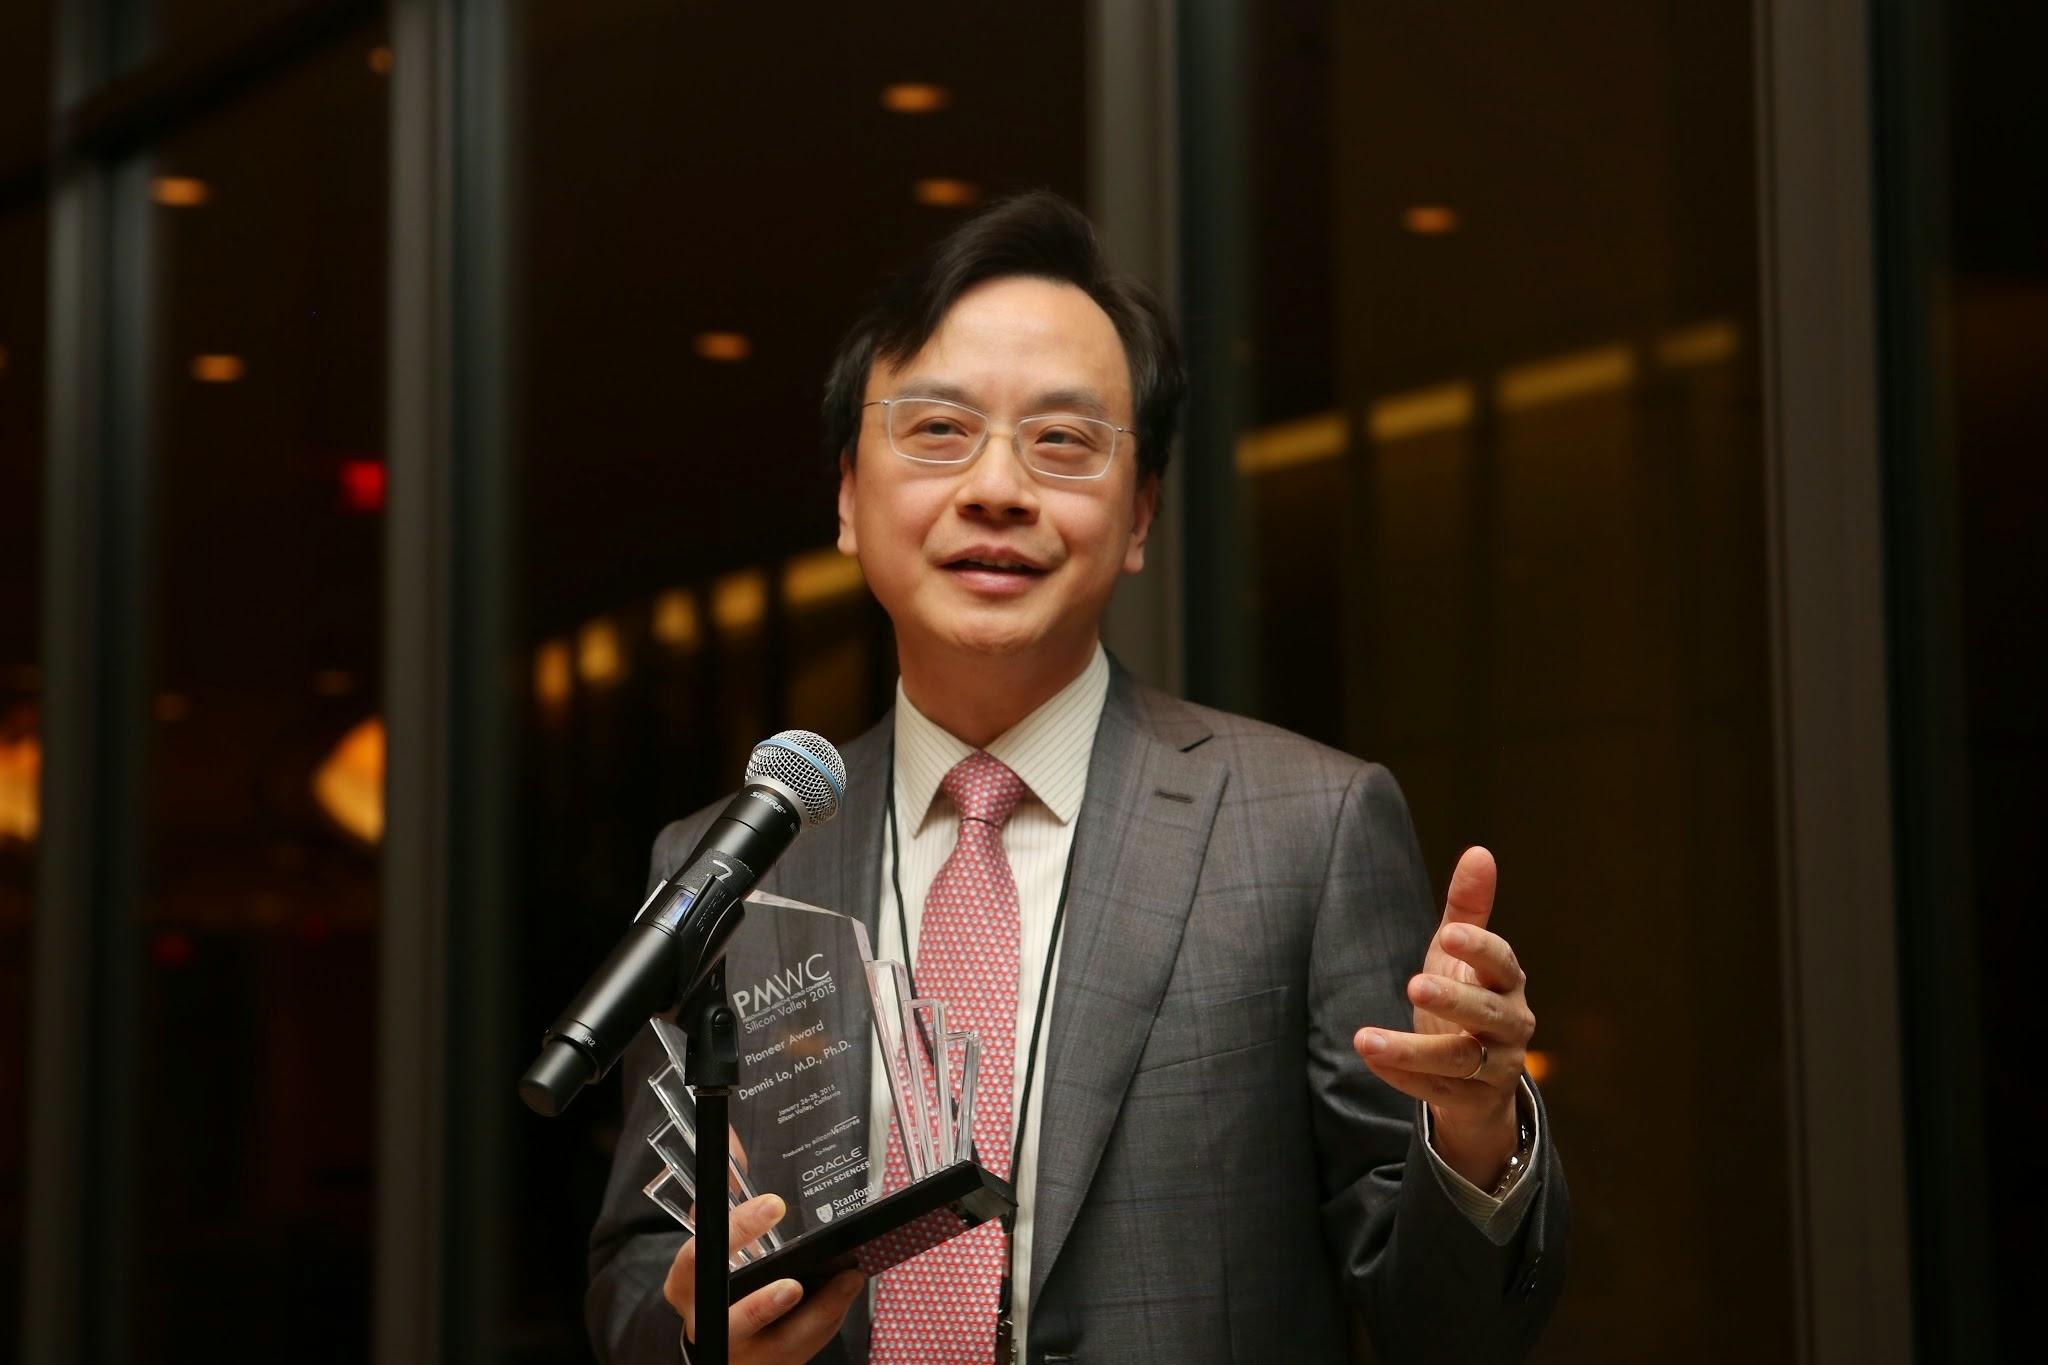 盧煜明教授在矽谷舉行的2015年度個人化醫學國際會議上獲頒先驅大獎,表揚他率先發現孕婦的血漿內存有高濃度的胎兒DNA,開啟無創性產前檢查之先河。